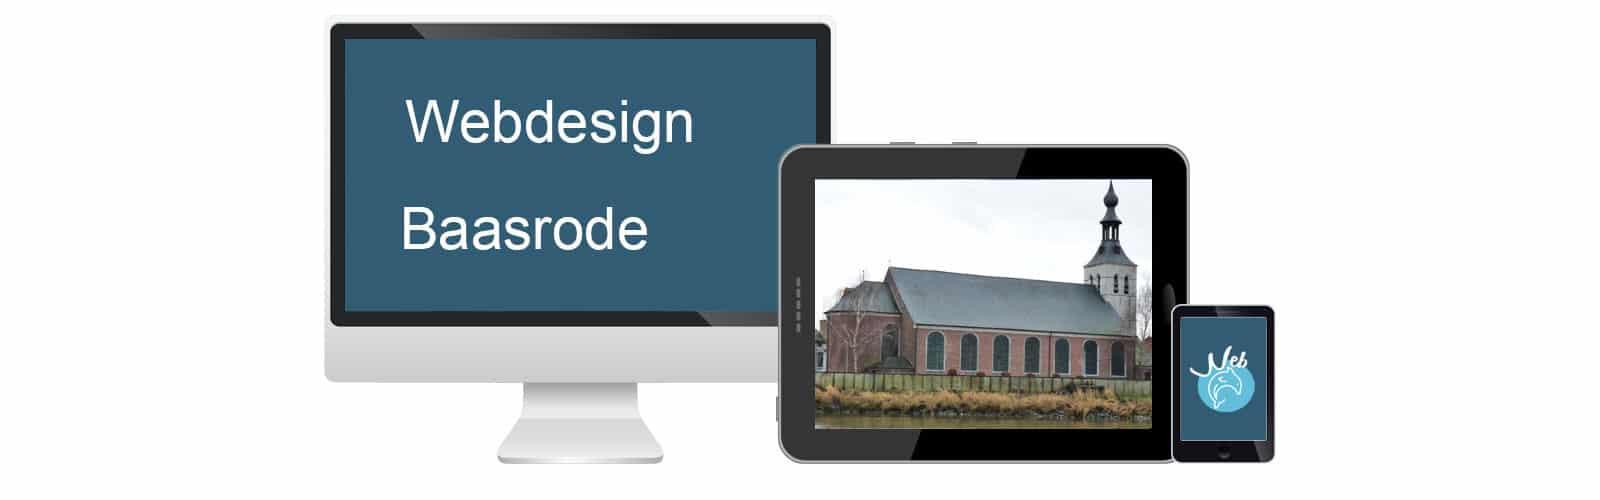 Webdesign Baasrode - webdolfijn